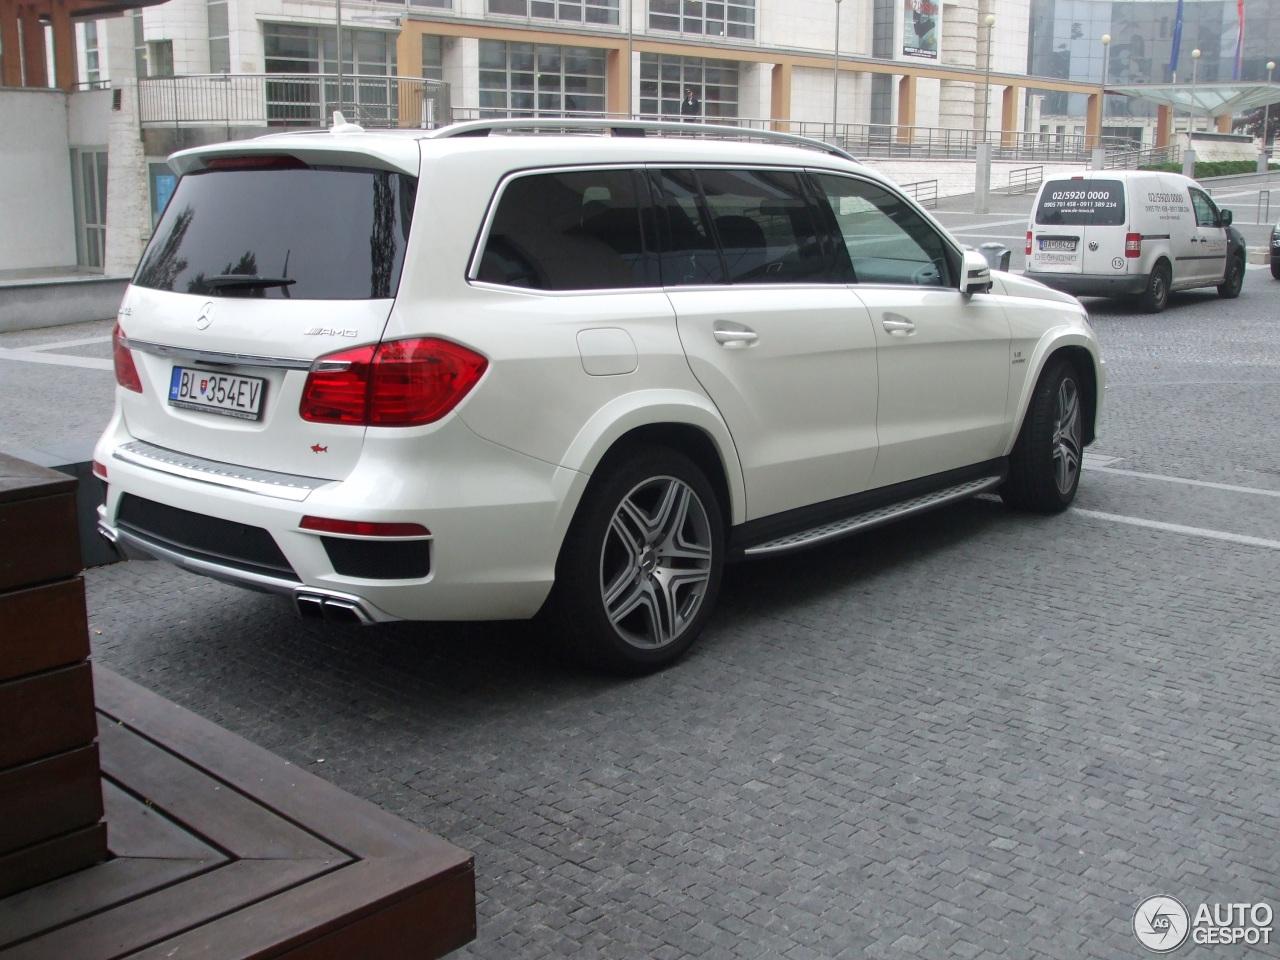 Mercedes benz gl 63 amg x166 7 oktober 2015 autogespot for Mercedes benz gl amg 2015